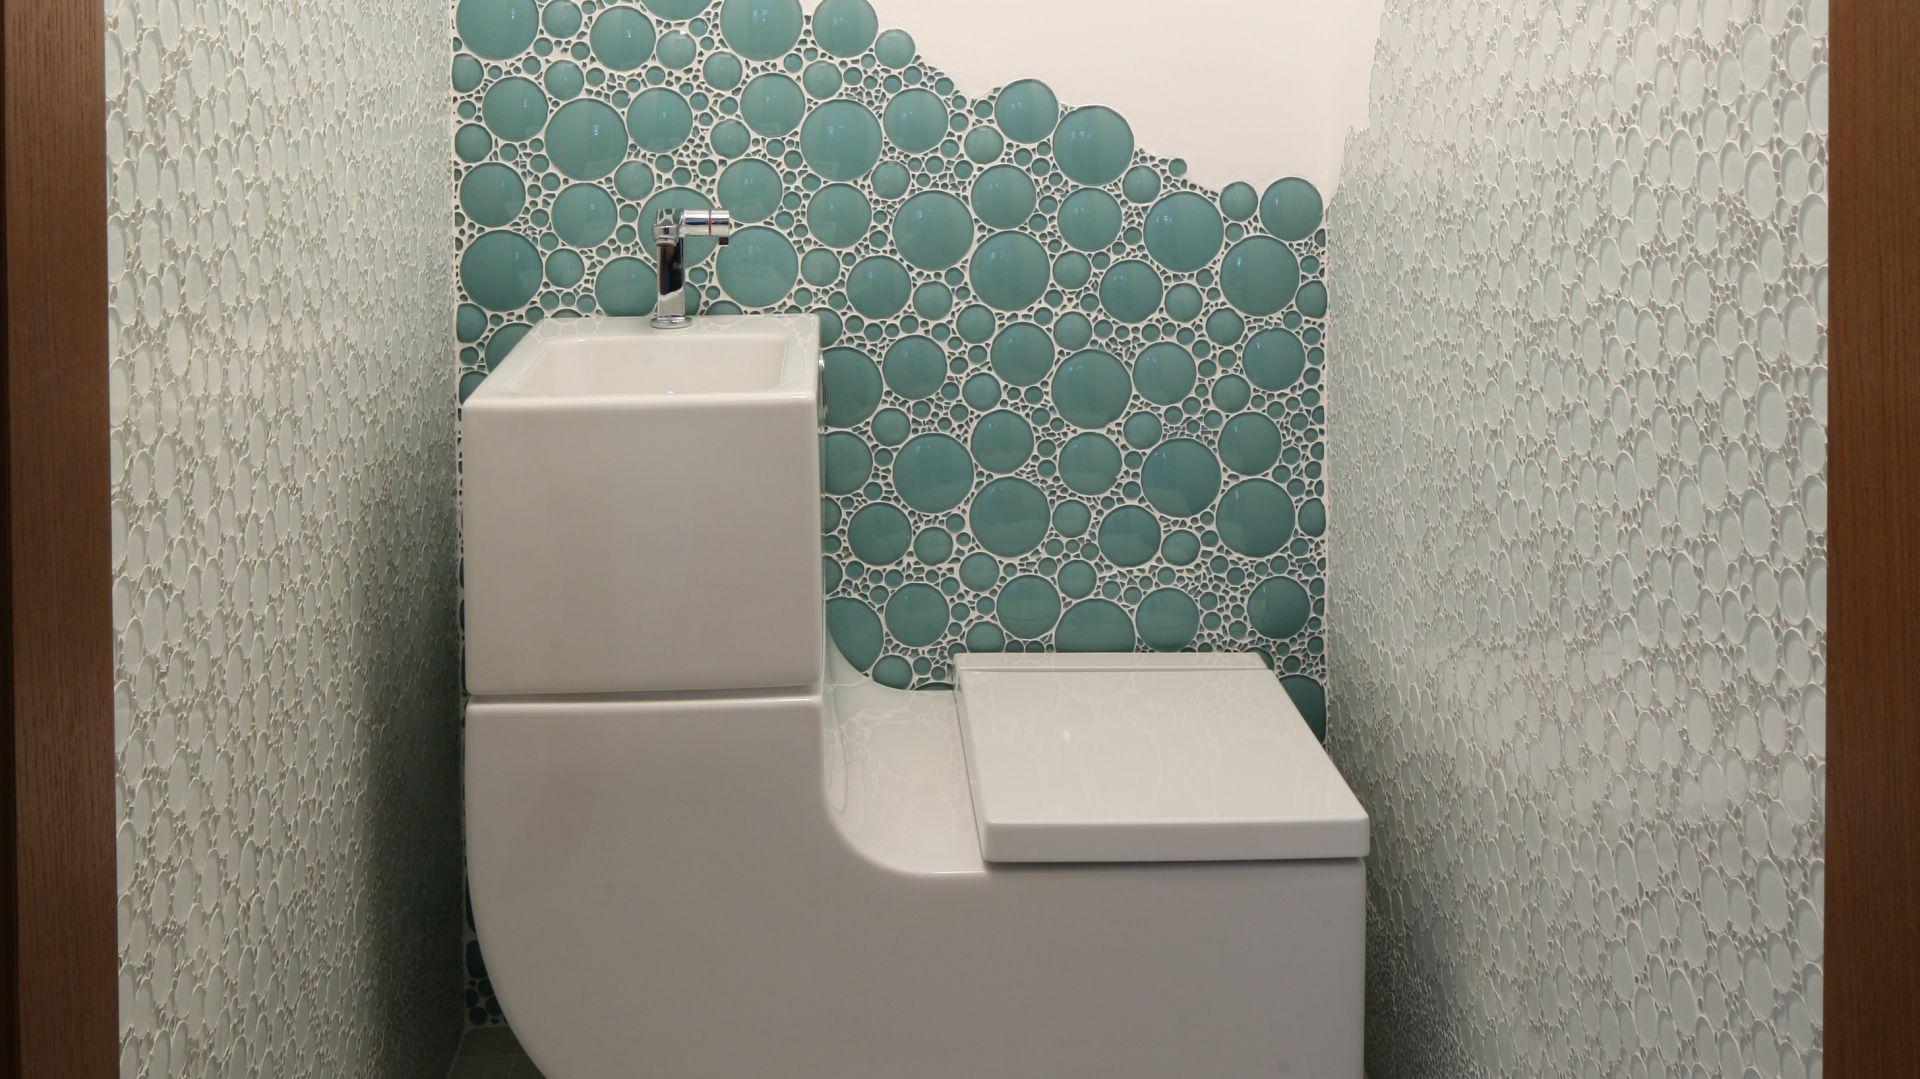 Toaleta została wyposażona w urządzenie 2w1: umywalka połączona z sedesem to model W+W firmy Roca. Woda z mycia rąk jest ponownie wykorzystywana do spłukiwania sedesu. Fot. Bartosz Jarosz